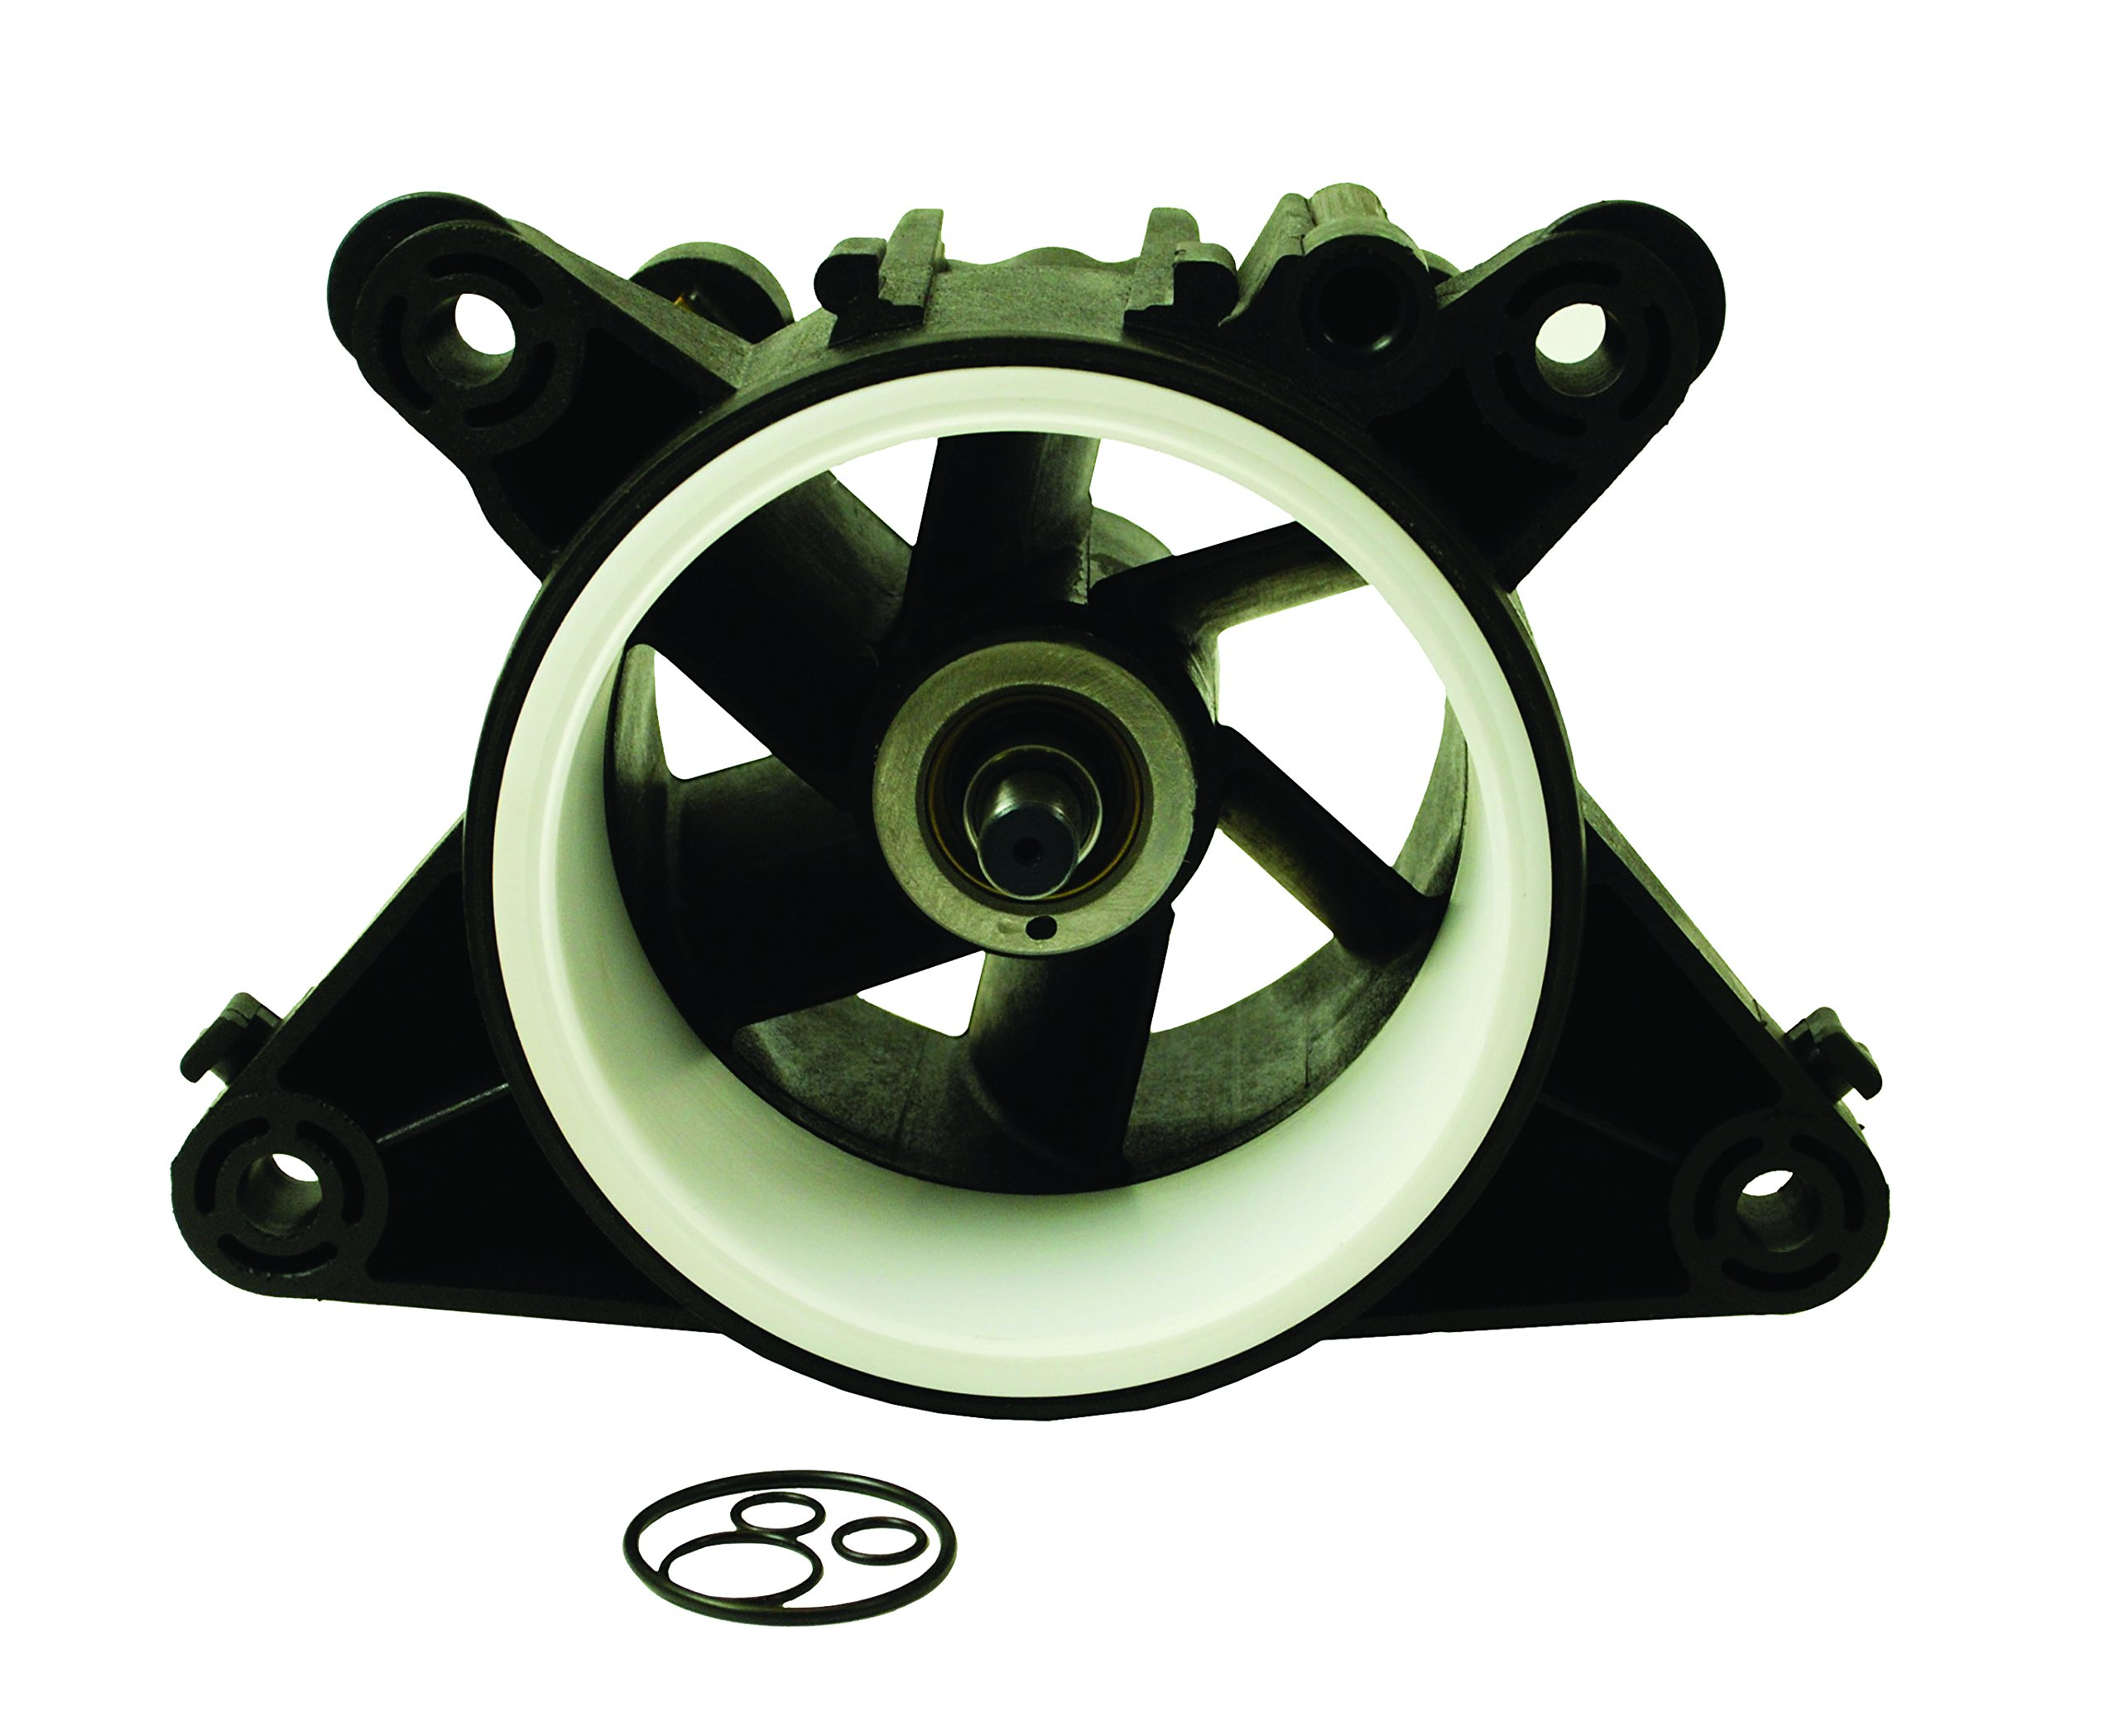 Sea-Doo Jet Pump Assembly GTS /GTX /SP /SPI /SPX /XP /XPI /HX /GSX /GTI /GS /GSI /Explorer /Speedster /Sportster /Challenger 1994 1995 1996 1997 1998 1999 2000 2001 2002